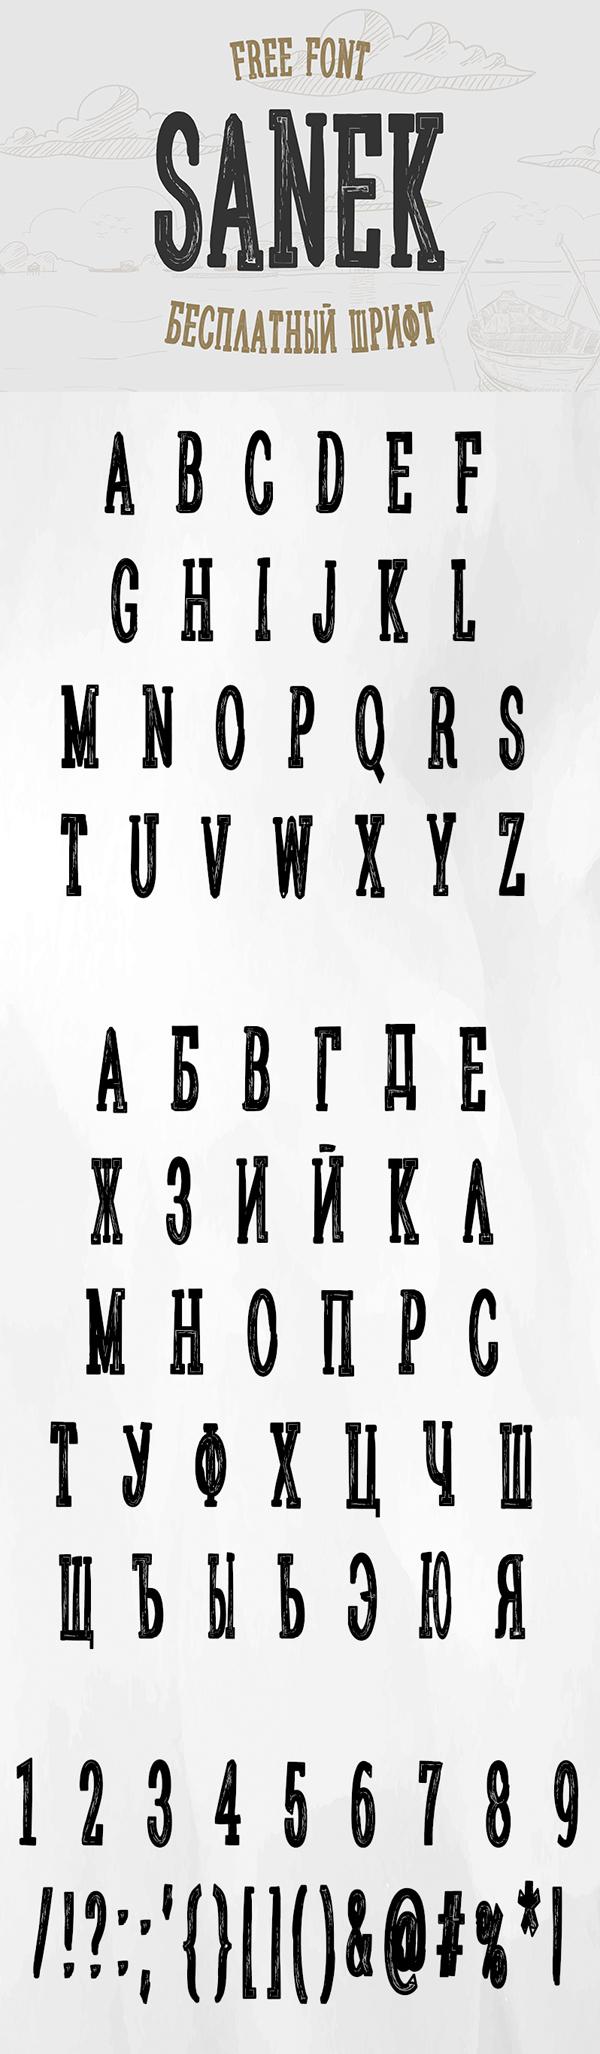 Sanek Cyrillic Free Font